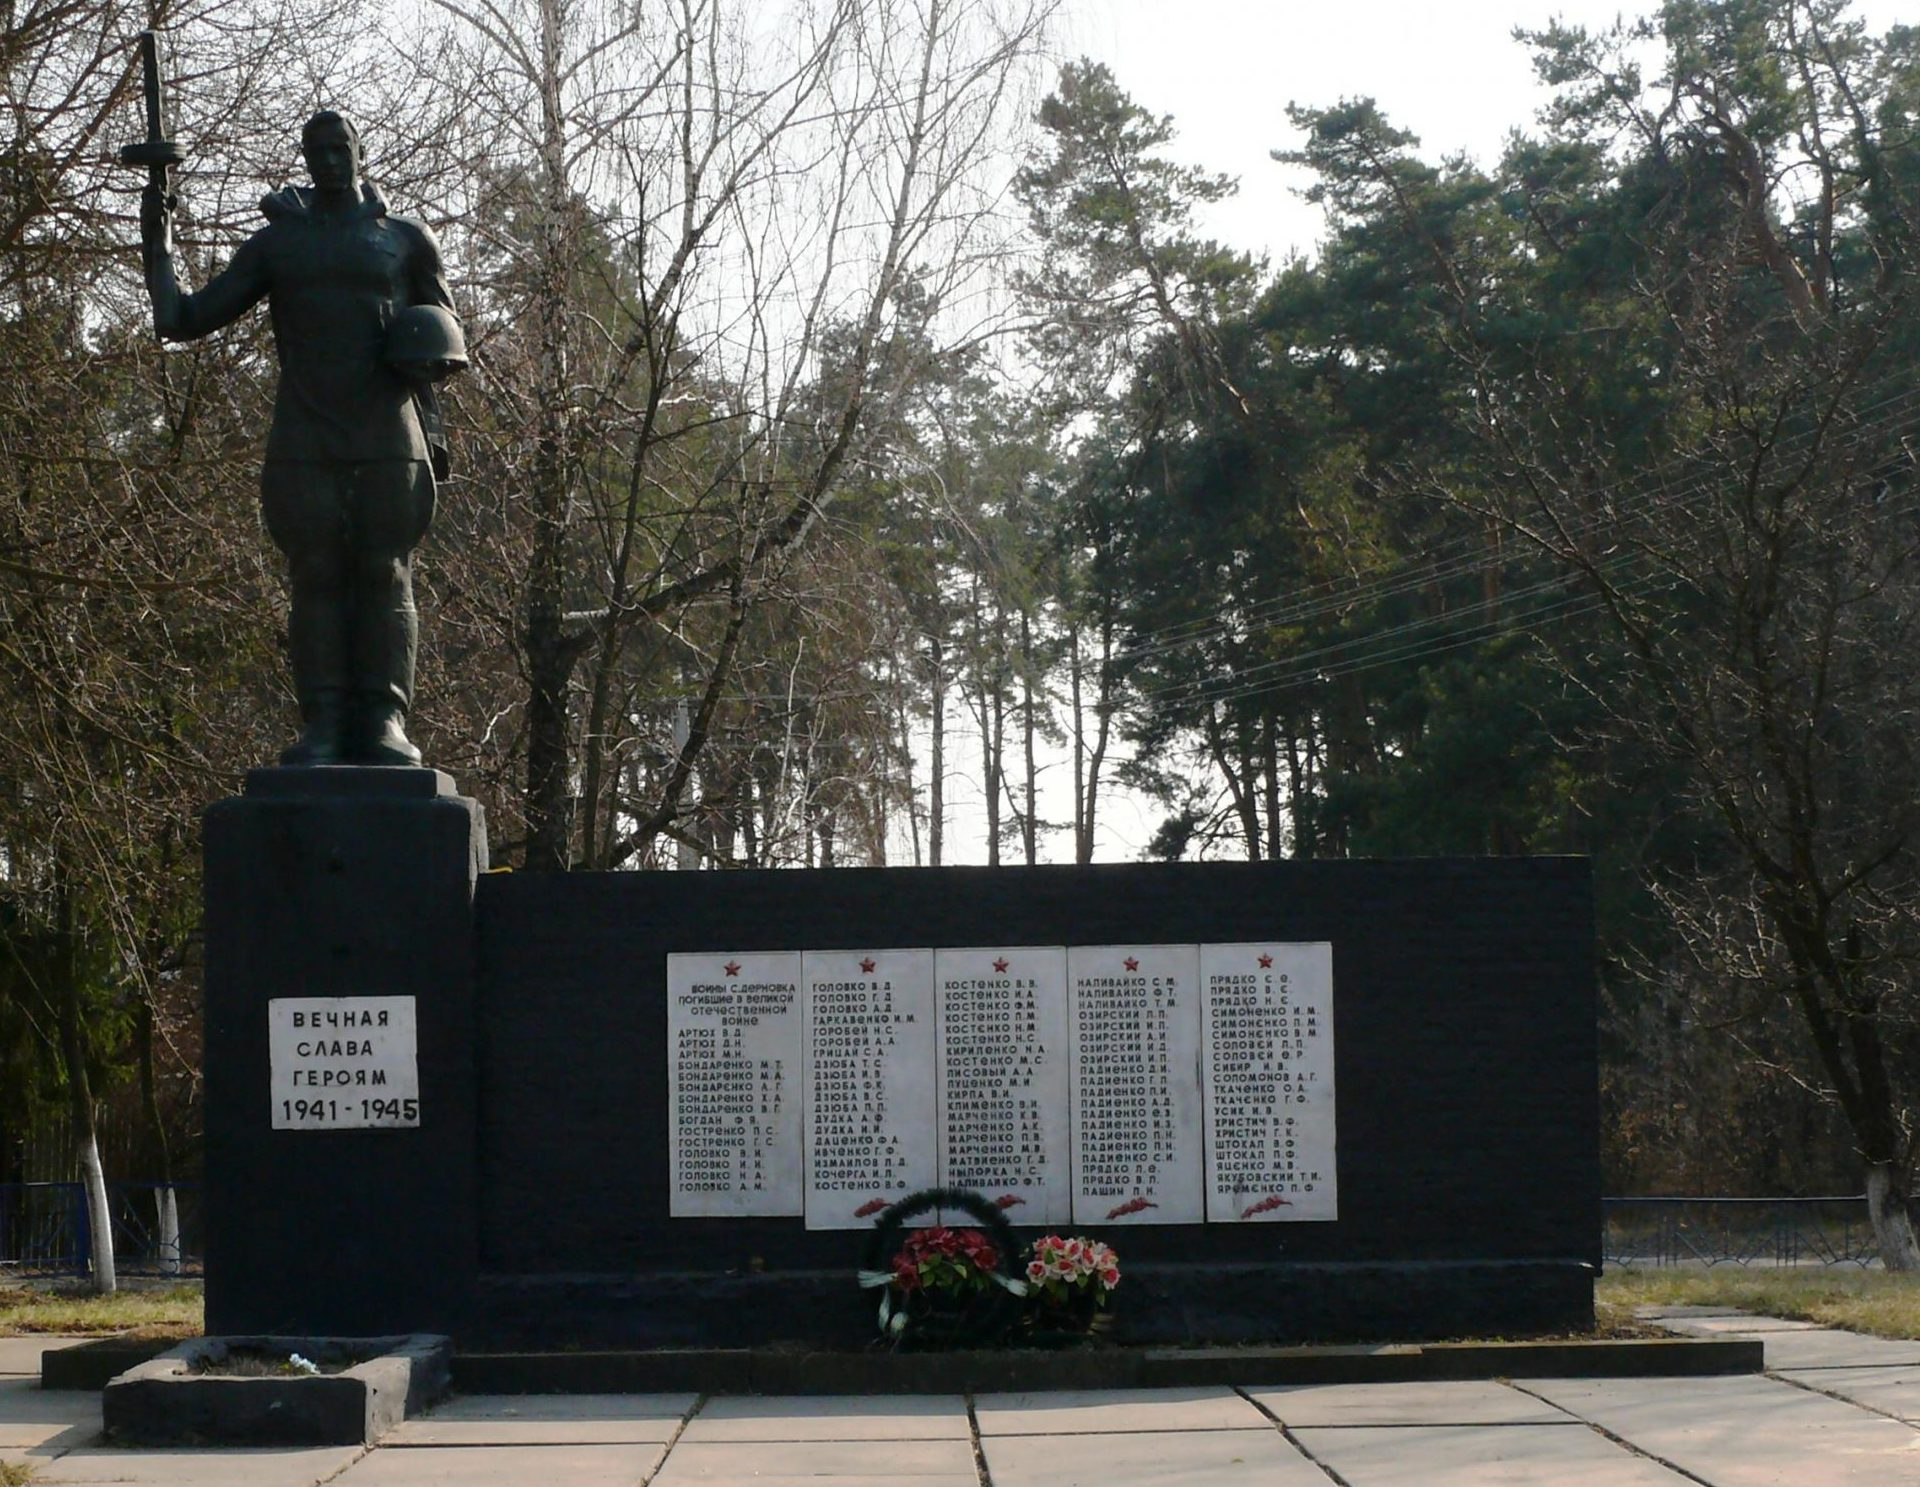 с. Дерновка Барышевского р-на. Памятник воинам-односельчанам, погибшим в голы войны. На мемориальных досках увековечены их имена.